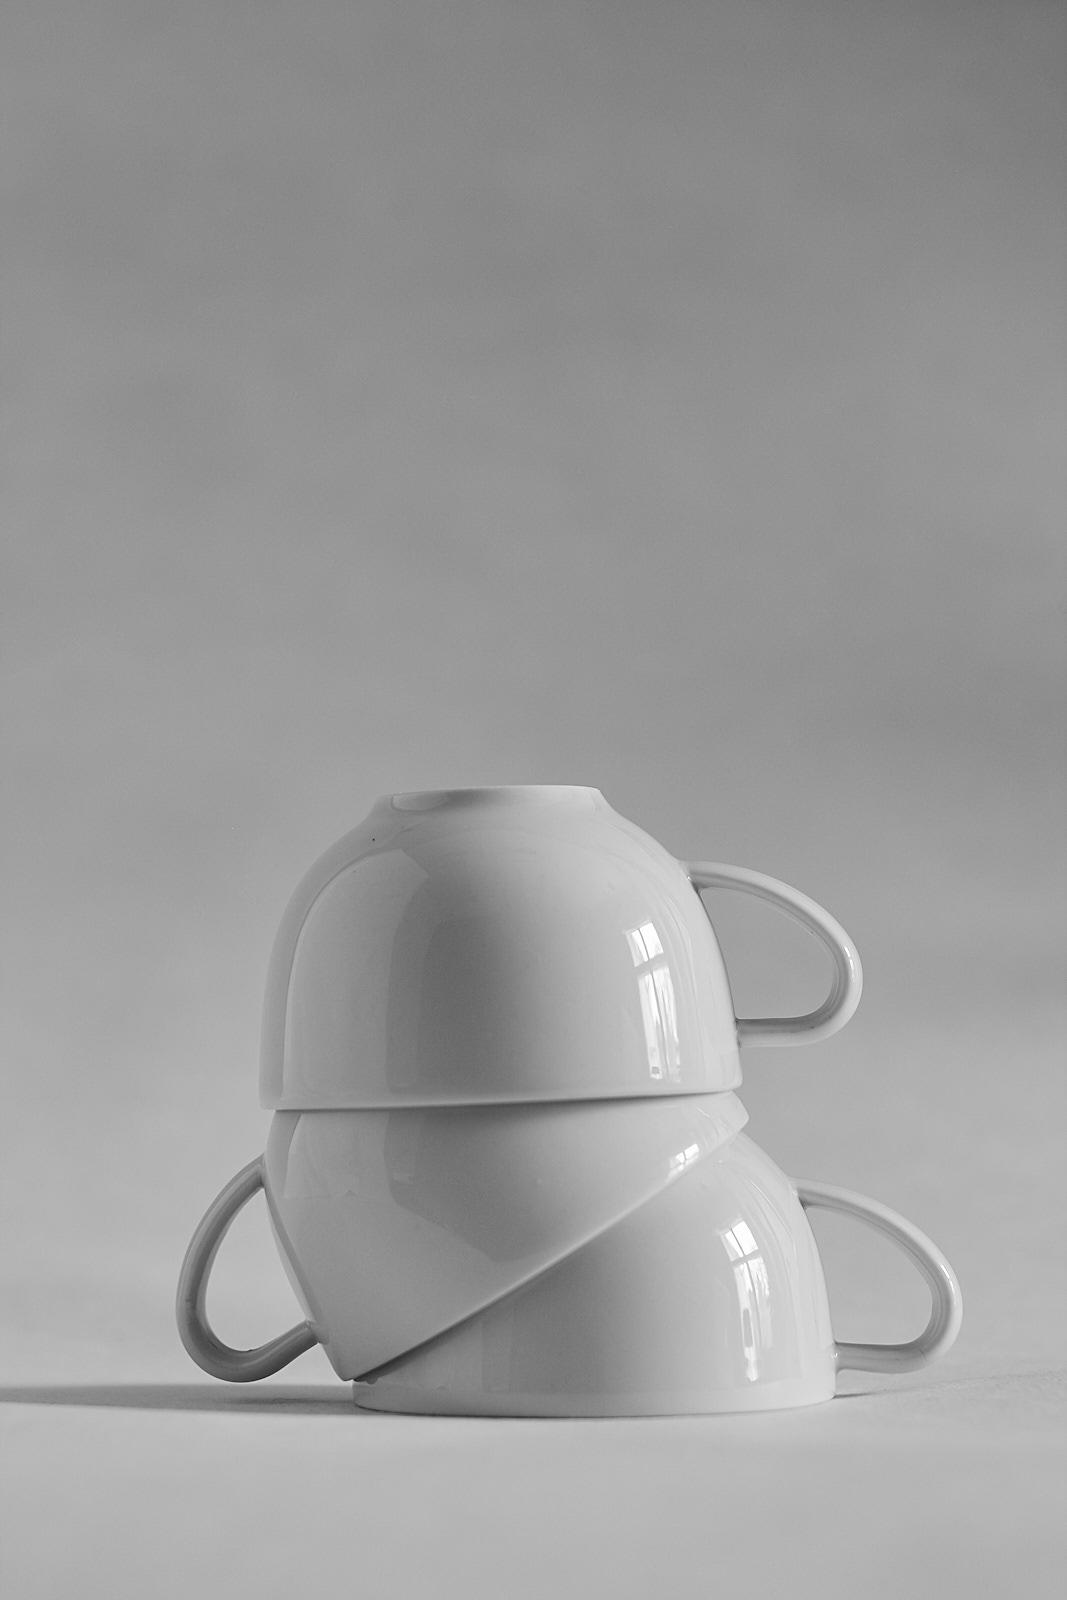 Three Cups0285-1600w